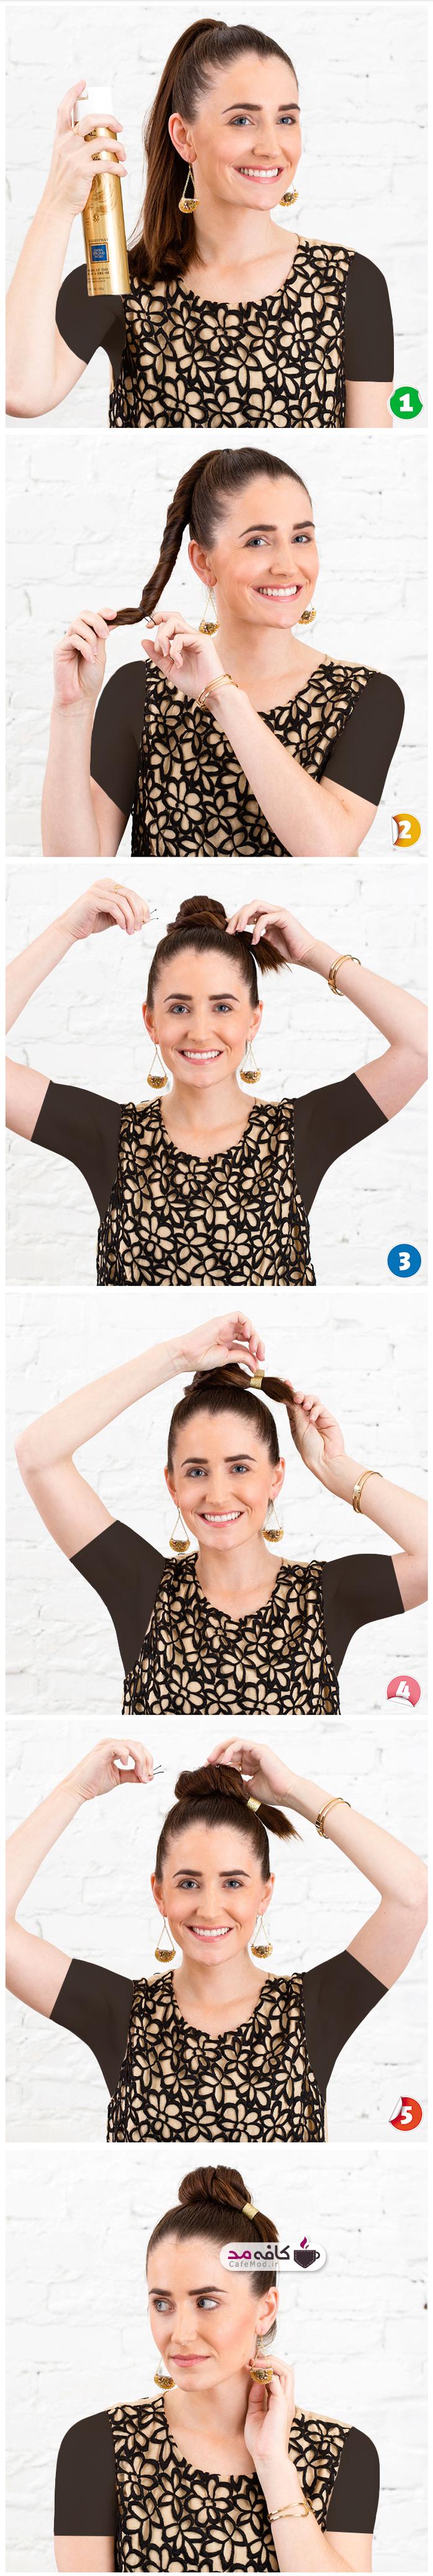 آموزش آرایش موی ساده